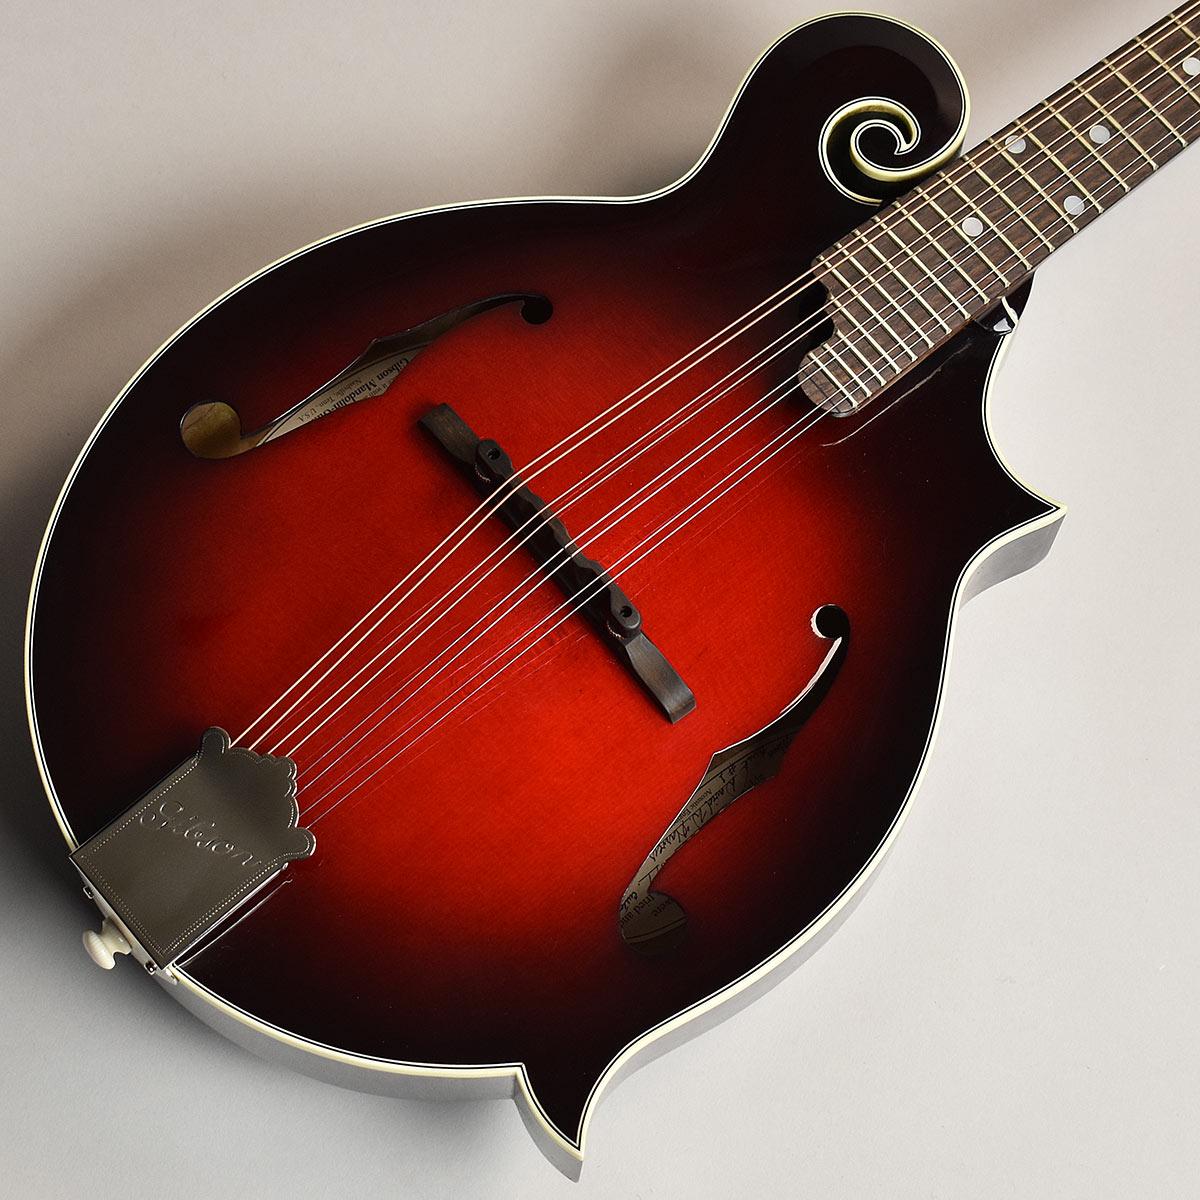 Gibson F-5G BloodMoonBurst S/N:71016011 【ギブソン】【現地買付け品】【リミテッドモデル】【未展示品】